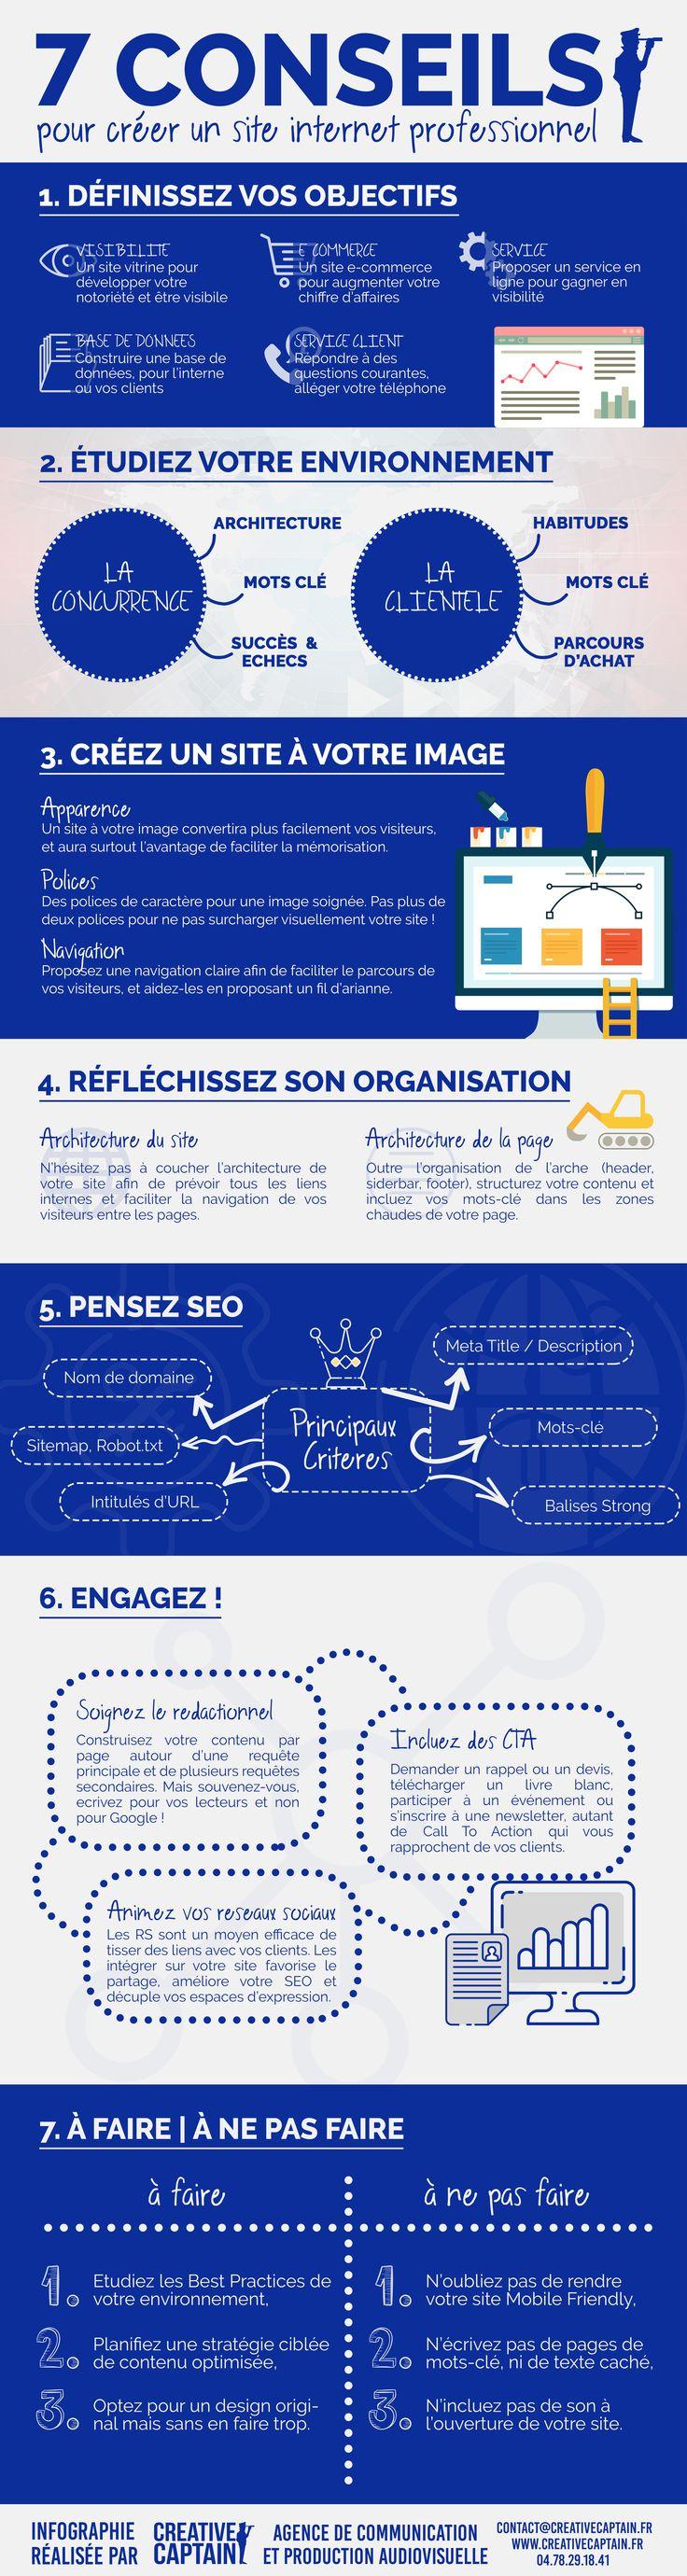 business infographic   7 conseils pour cr u00e9er un site internet professionnel